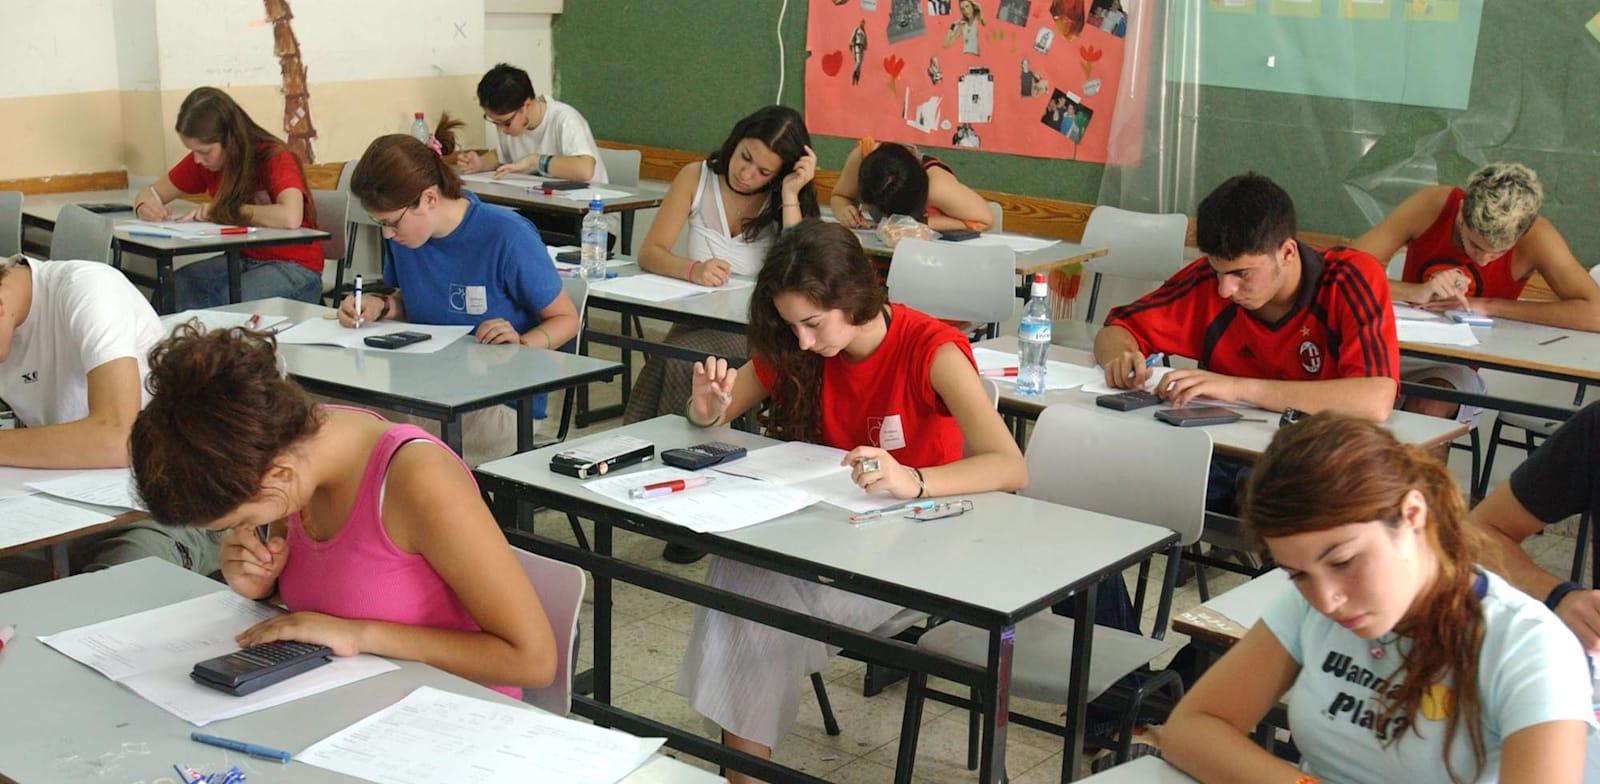 תלמידים נבחנים בבחינות בגרות / צילום: באובאו